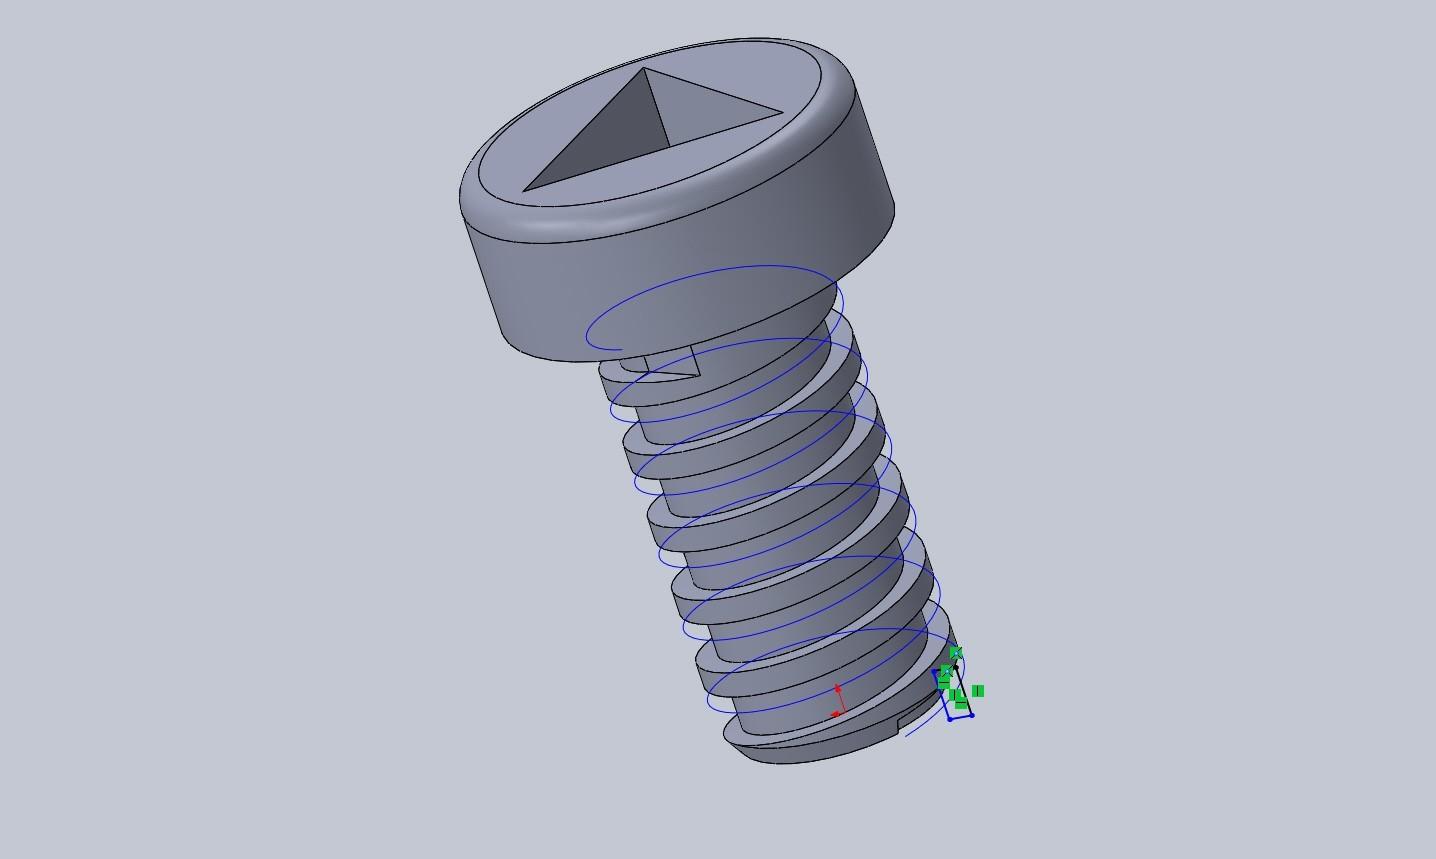 vis 4.JPG Télécharger fichier STL gratuit Vis meccano junior • Objet à imprimer en 3D, 14pv44